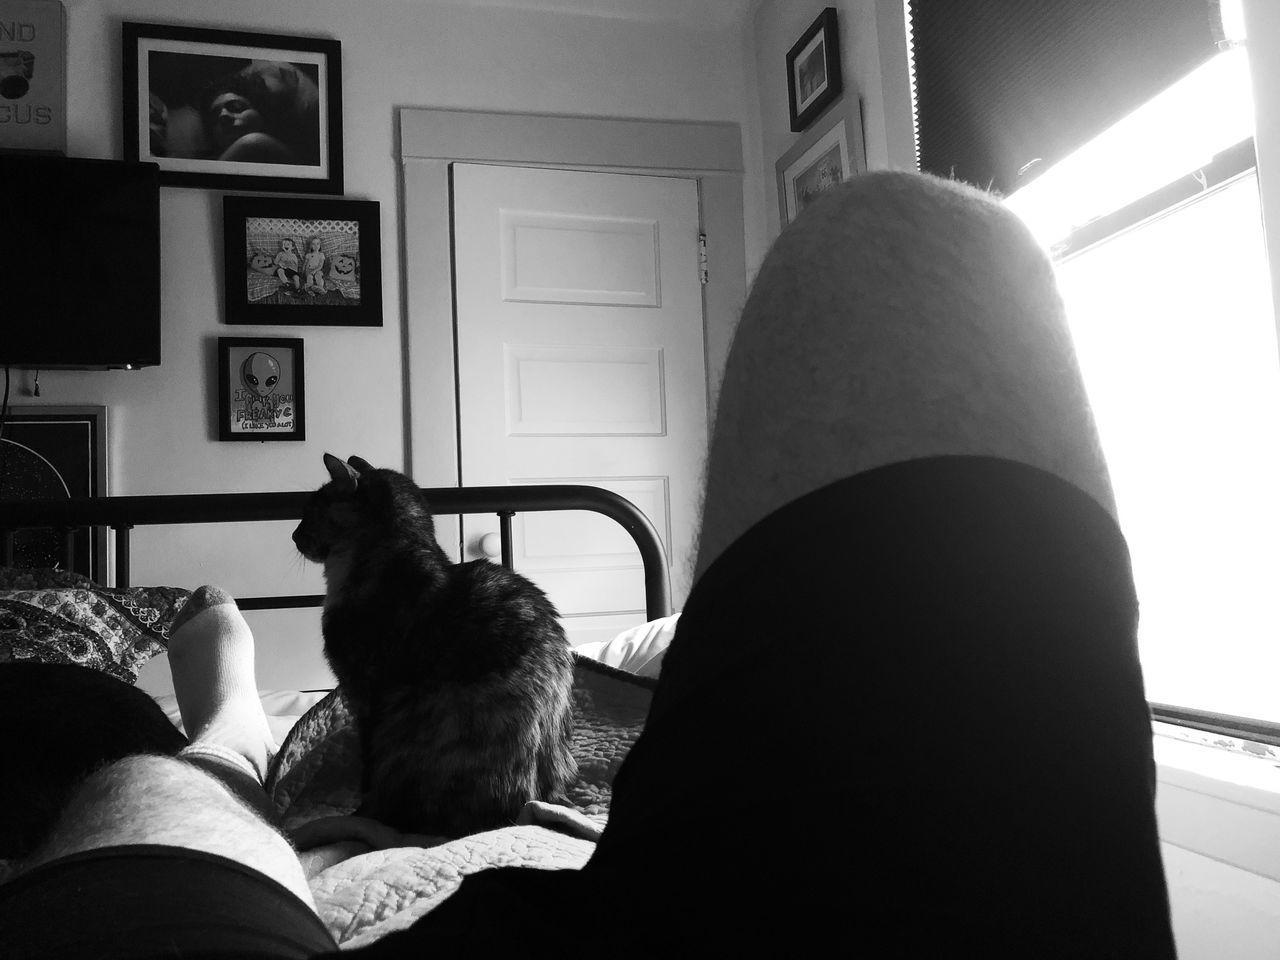 CAT SITTING IN BEDROOM